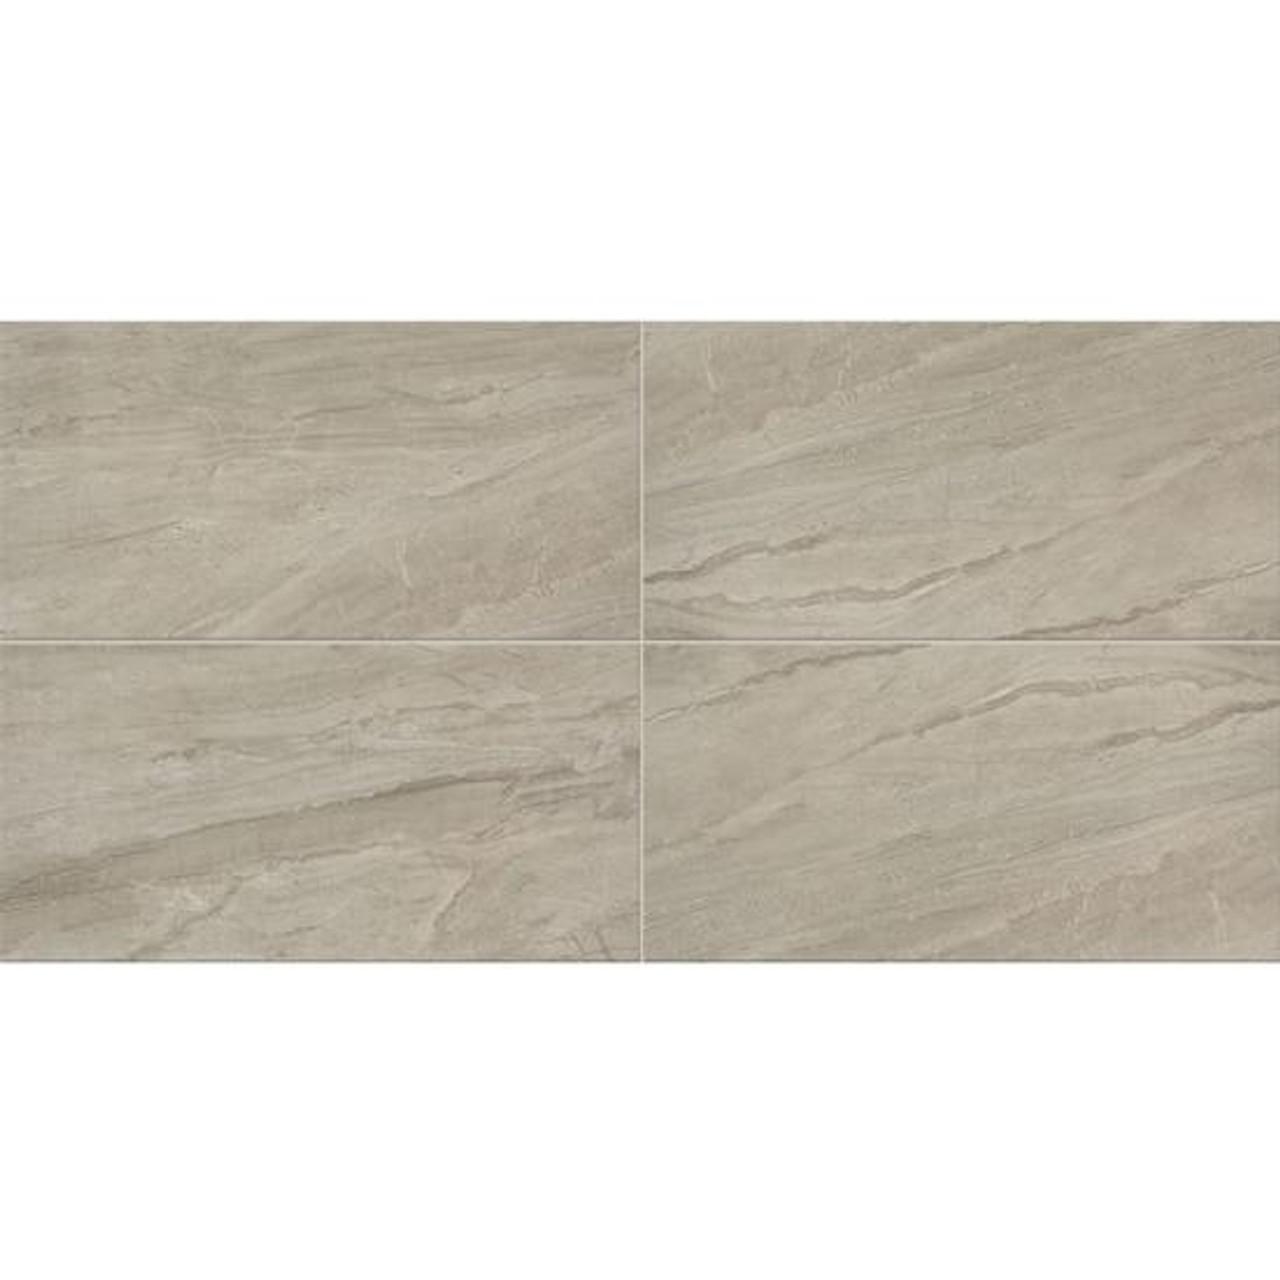 Impresa Light Gray Ceramic Floor Tile 12x24 Tiles Direct Store